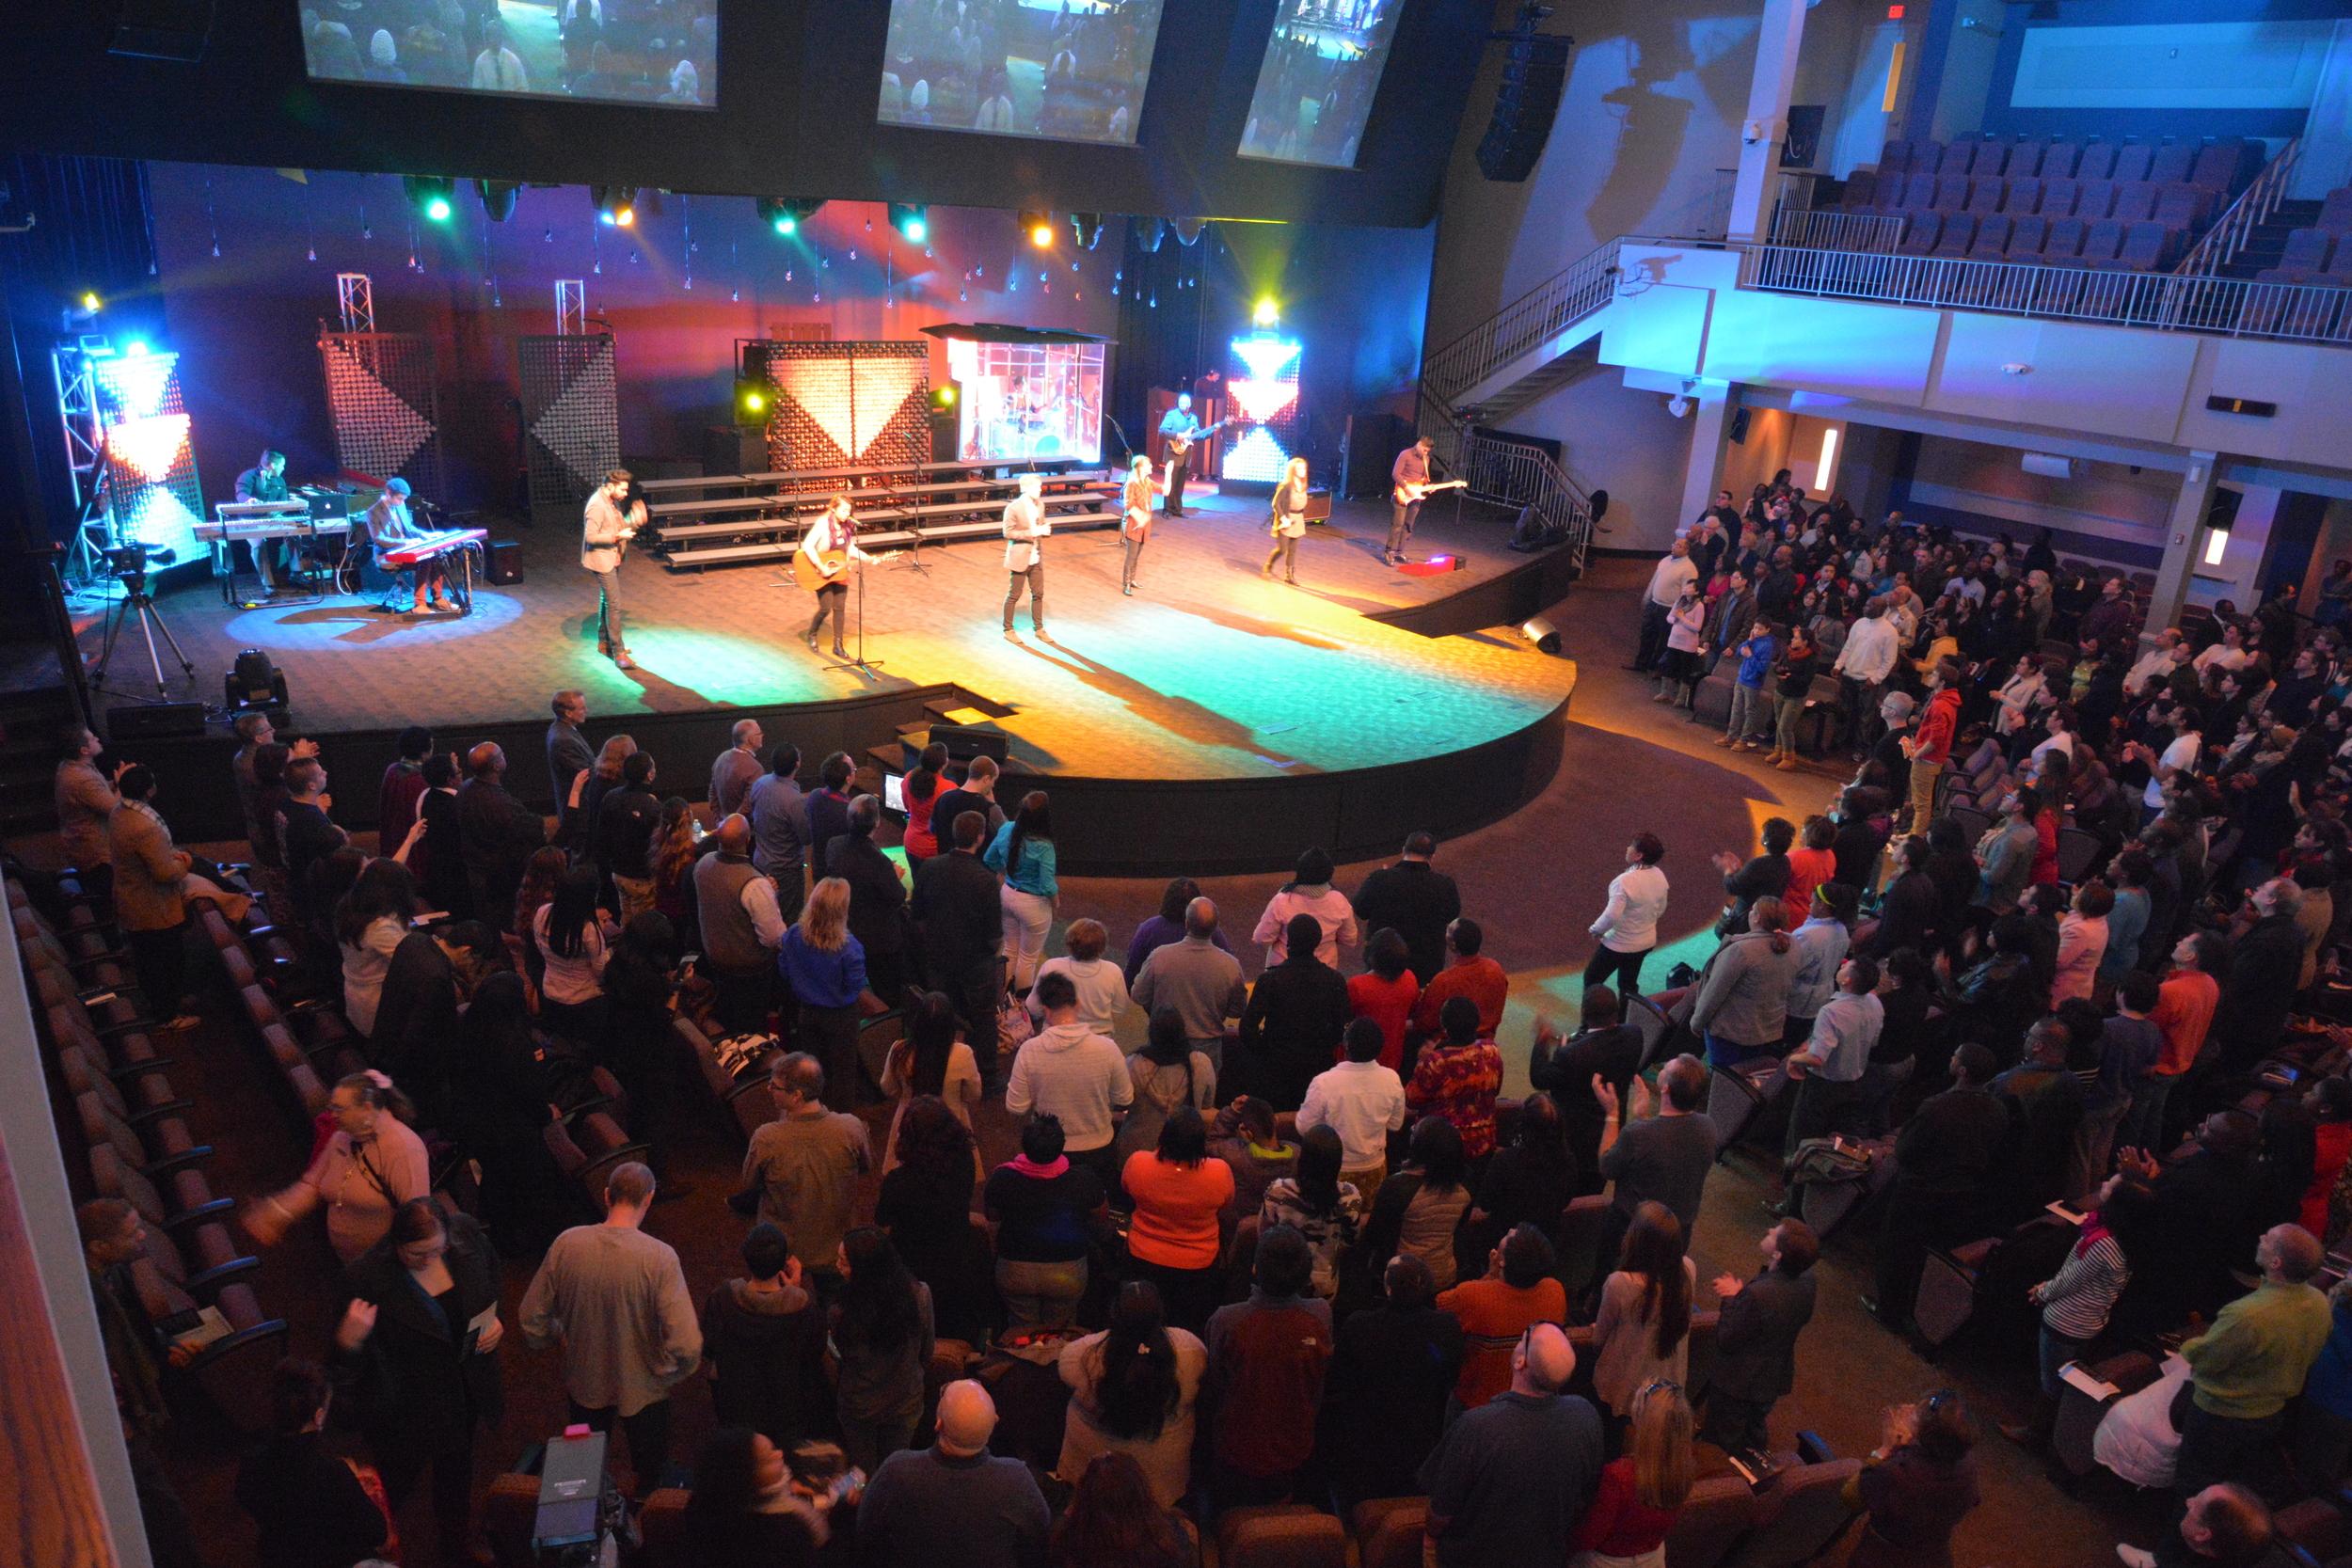 COR_Gaithersburg_Campus_Worship_Center_05.jpg